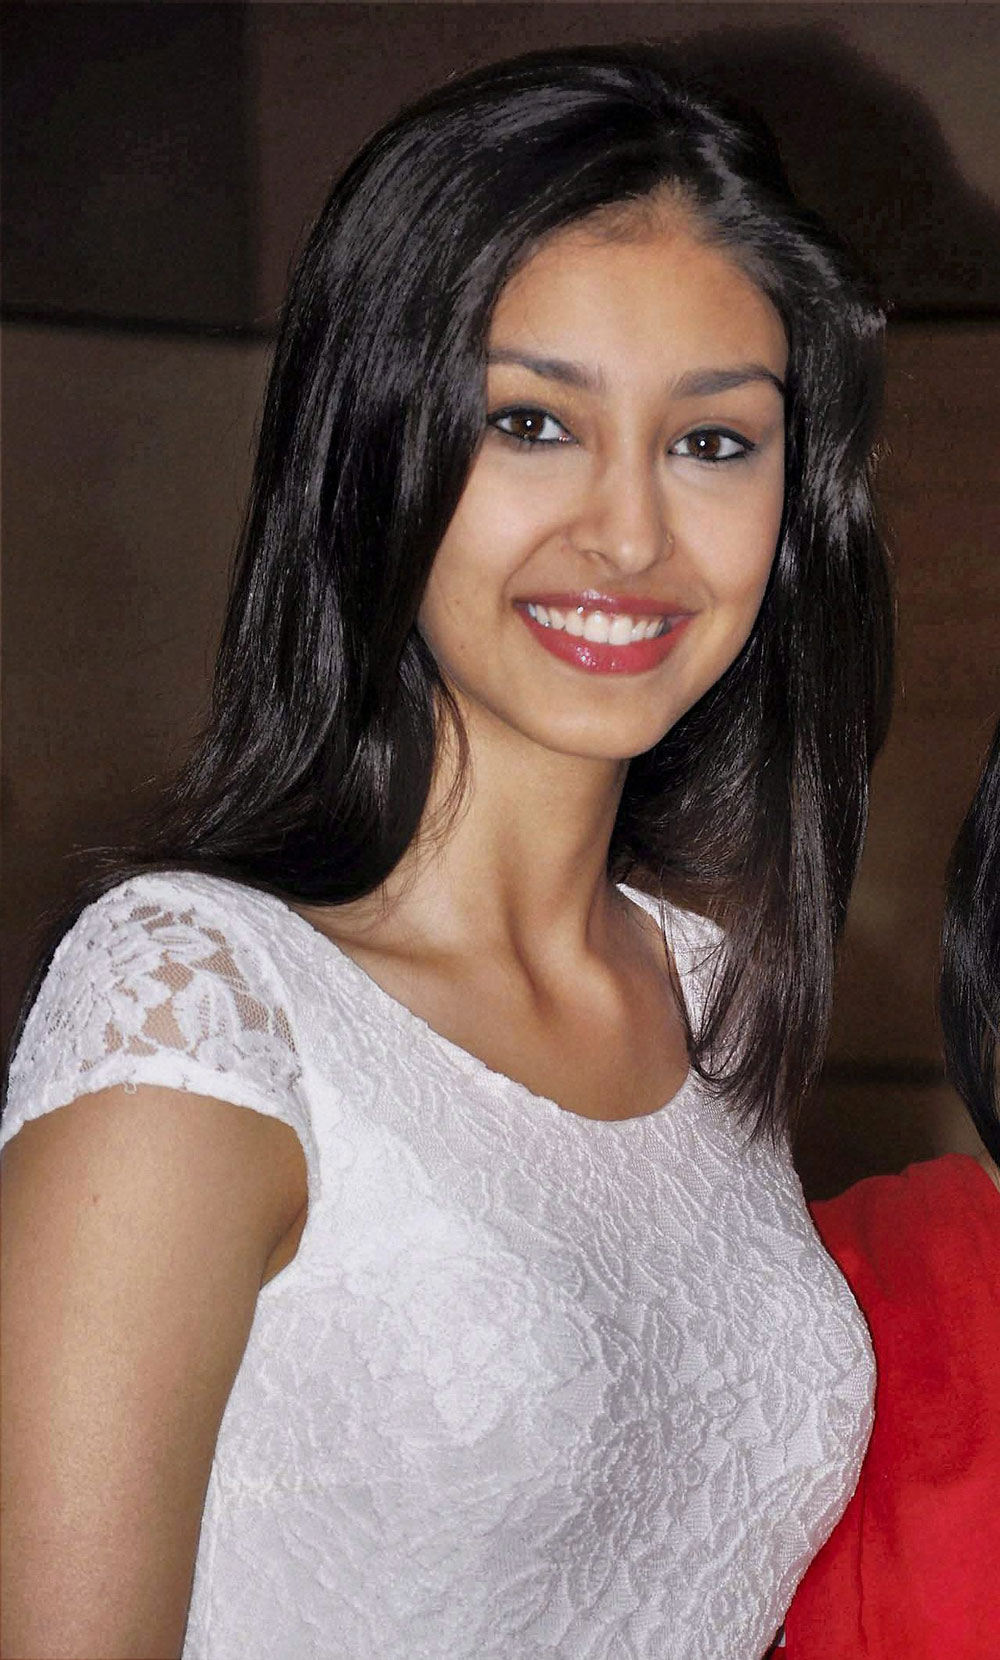 पाँड्स फेमिना मिस इंडिया वर्ल्ड २०१३ नवनीत कौर ढिल्लाँ गुवाहाटी येथील एका पत्रकार परिषदेदरम्यान